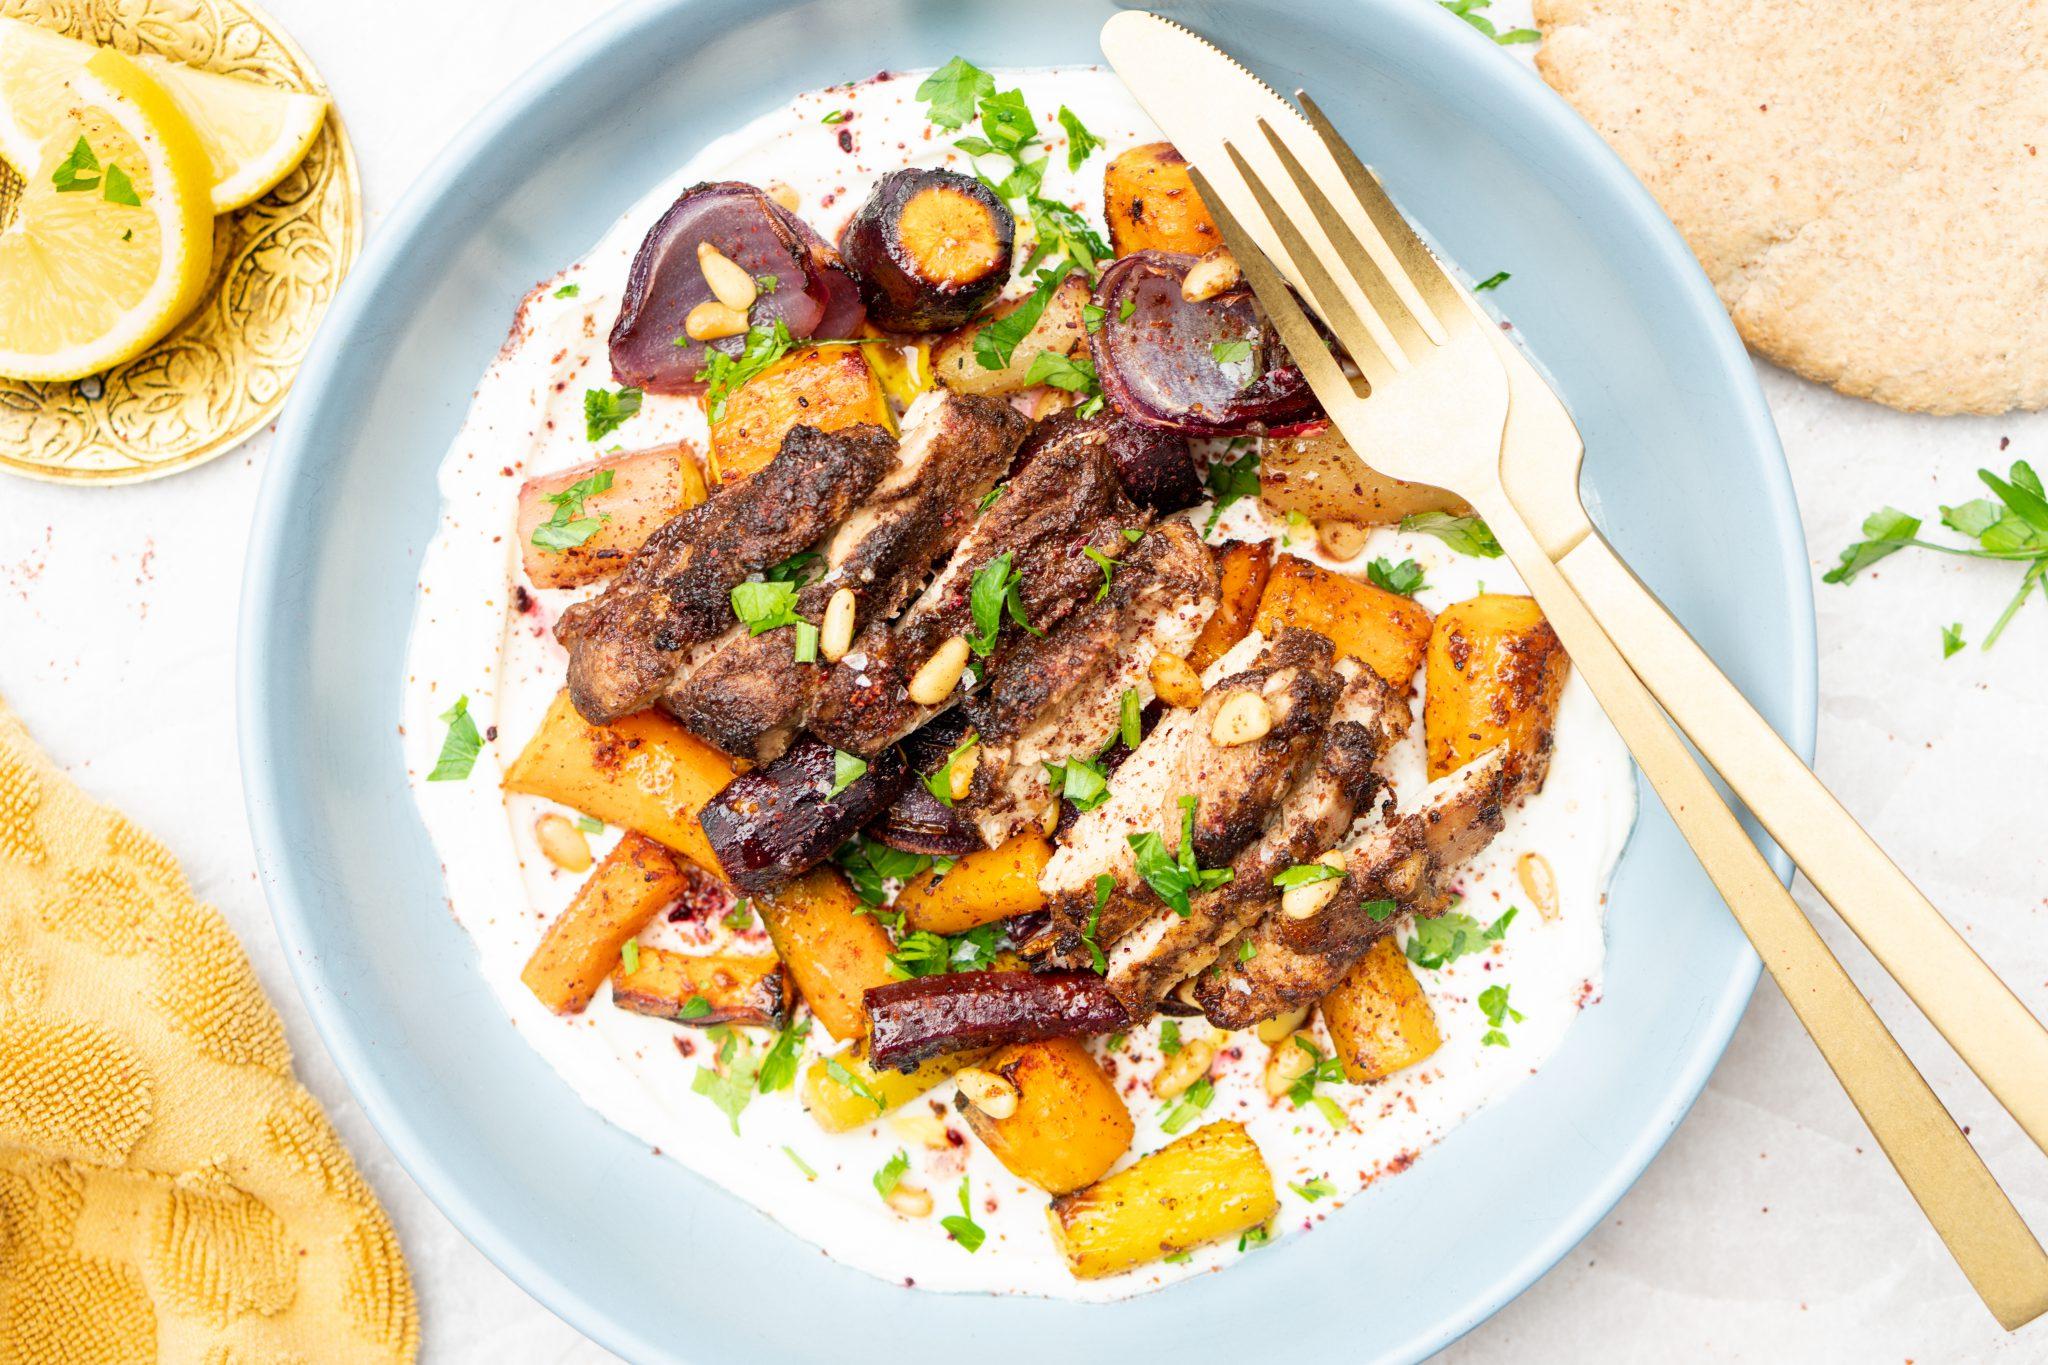 Op deze foto zie je ovenschotel van Arabische kip met geroosterde wortels